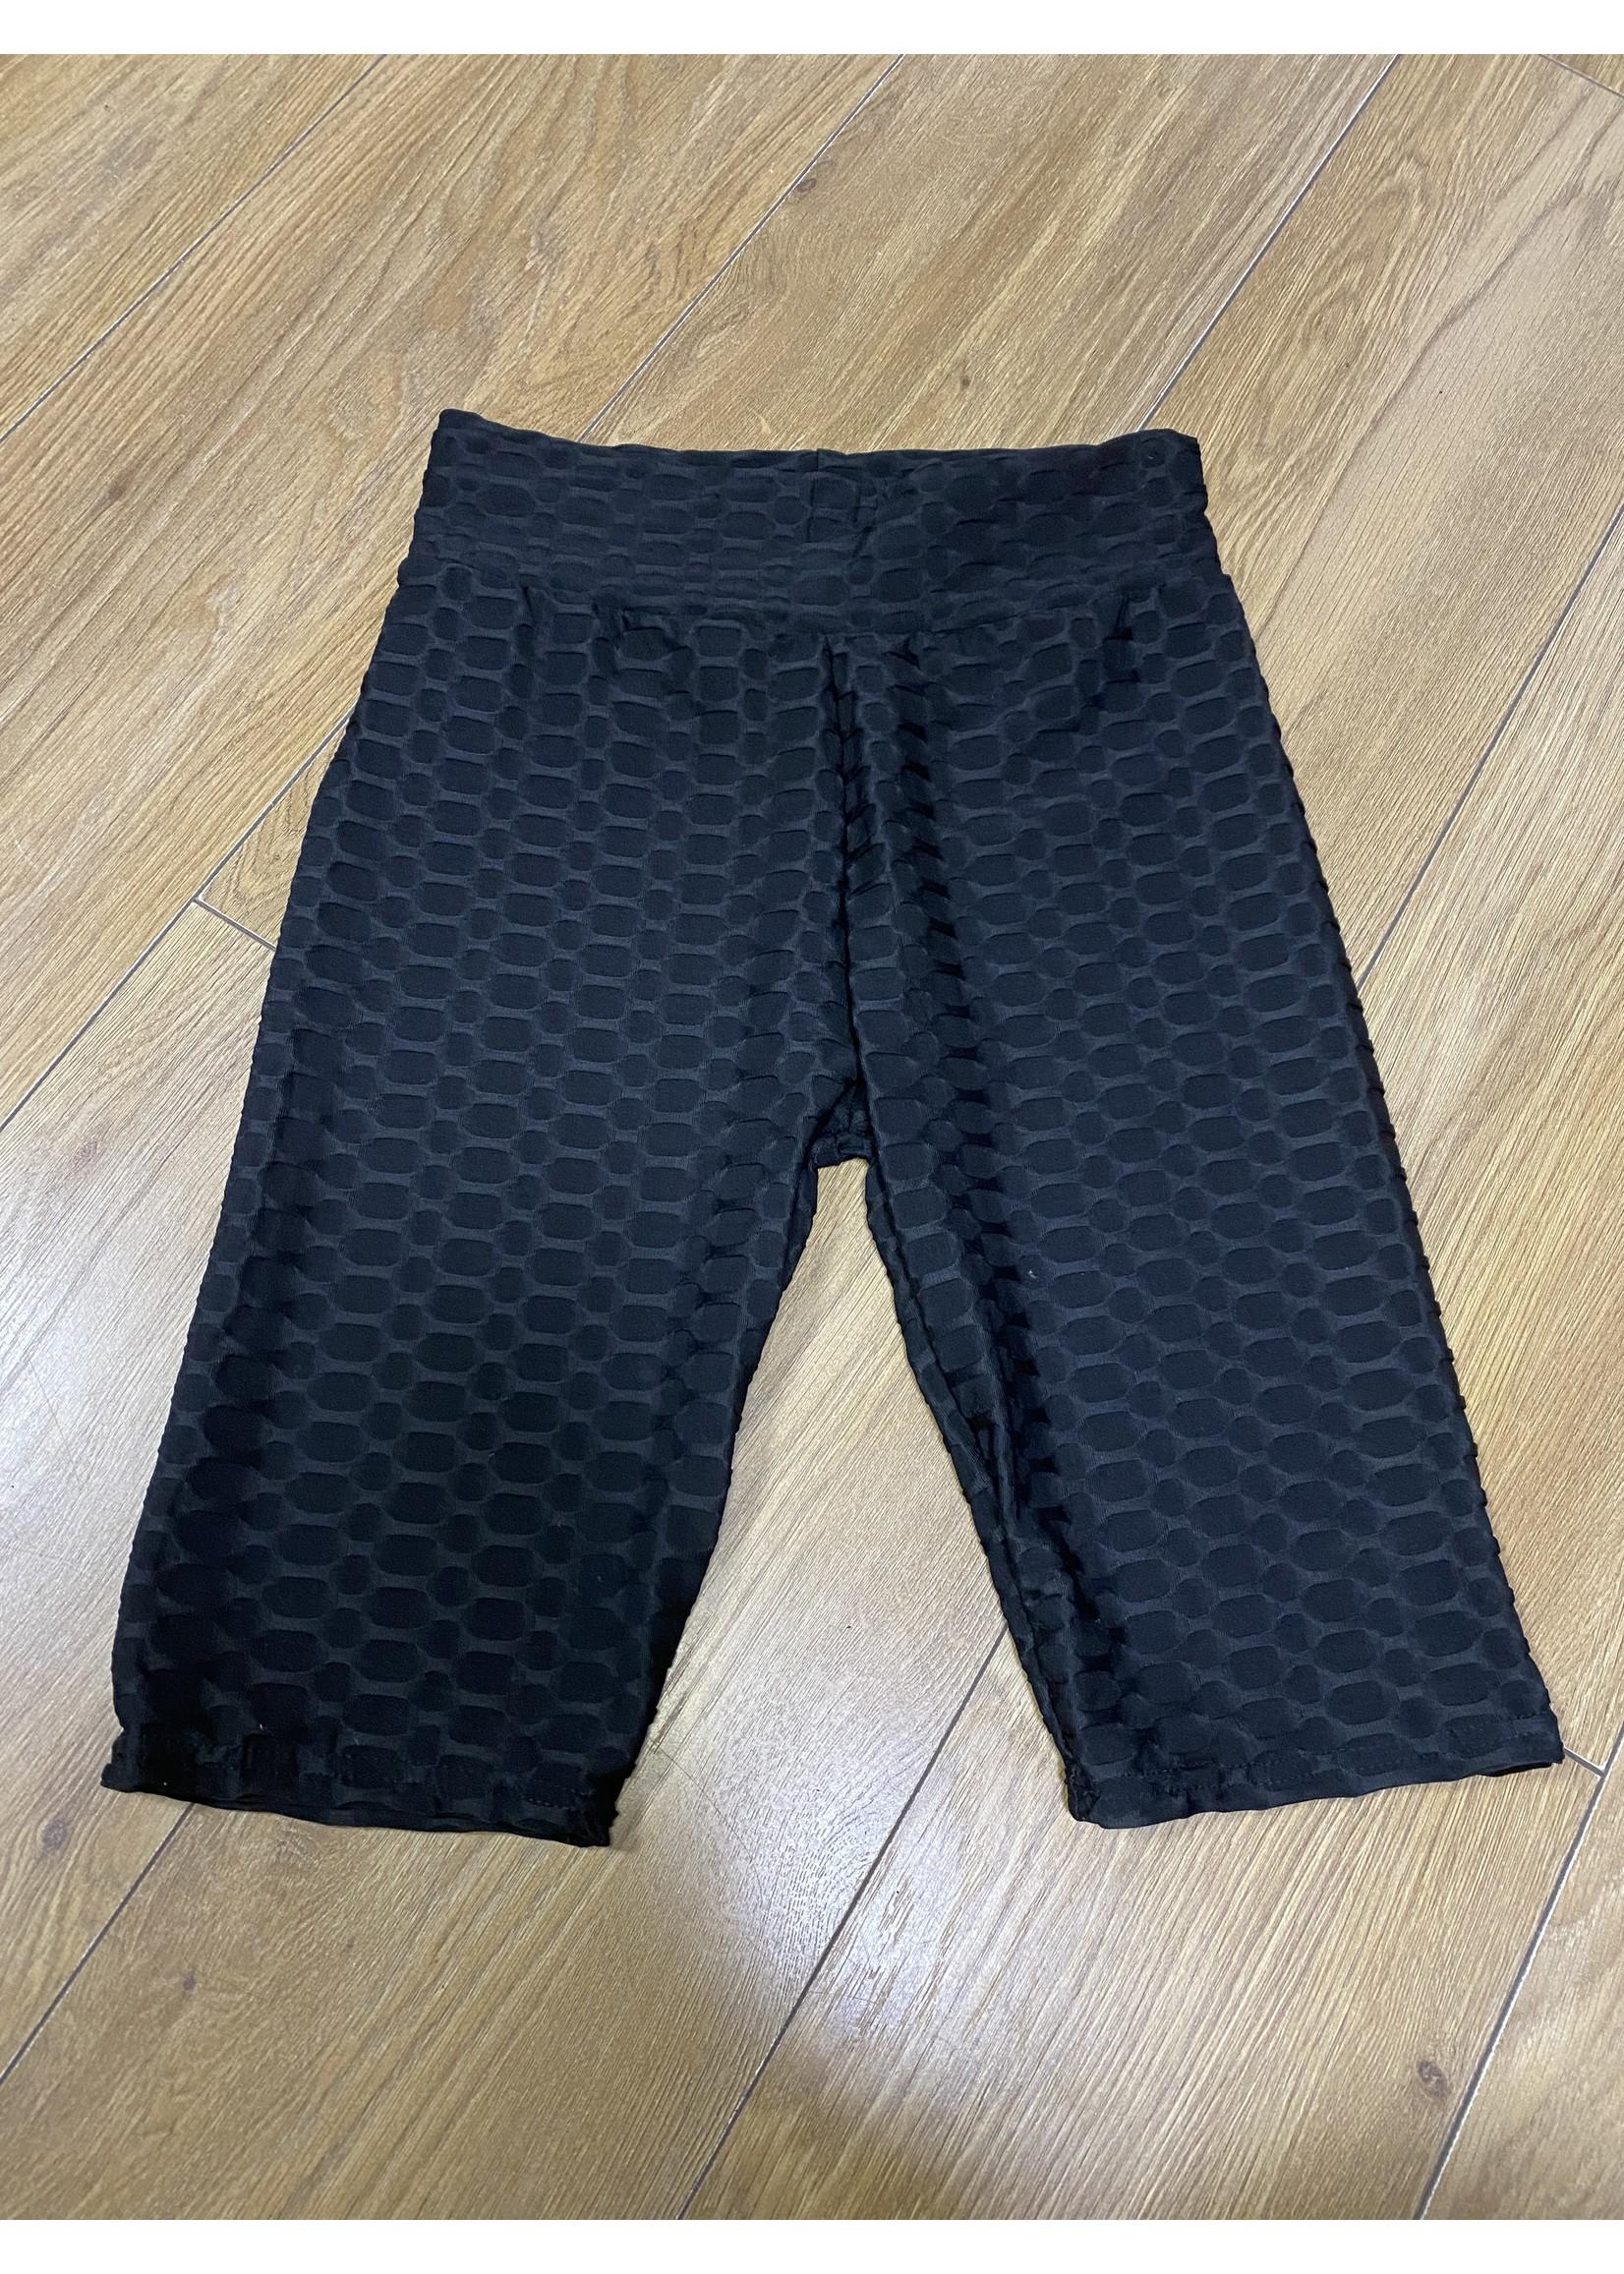 Waffle cycling shorts